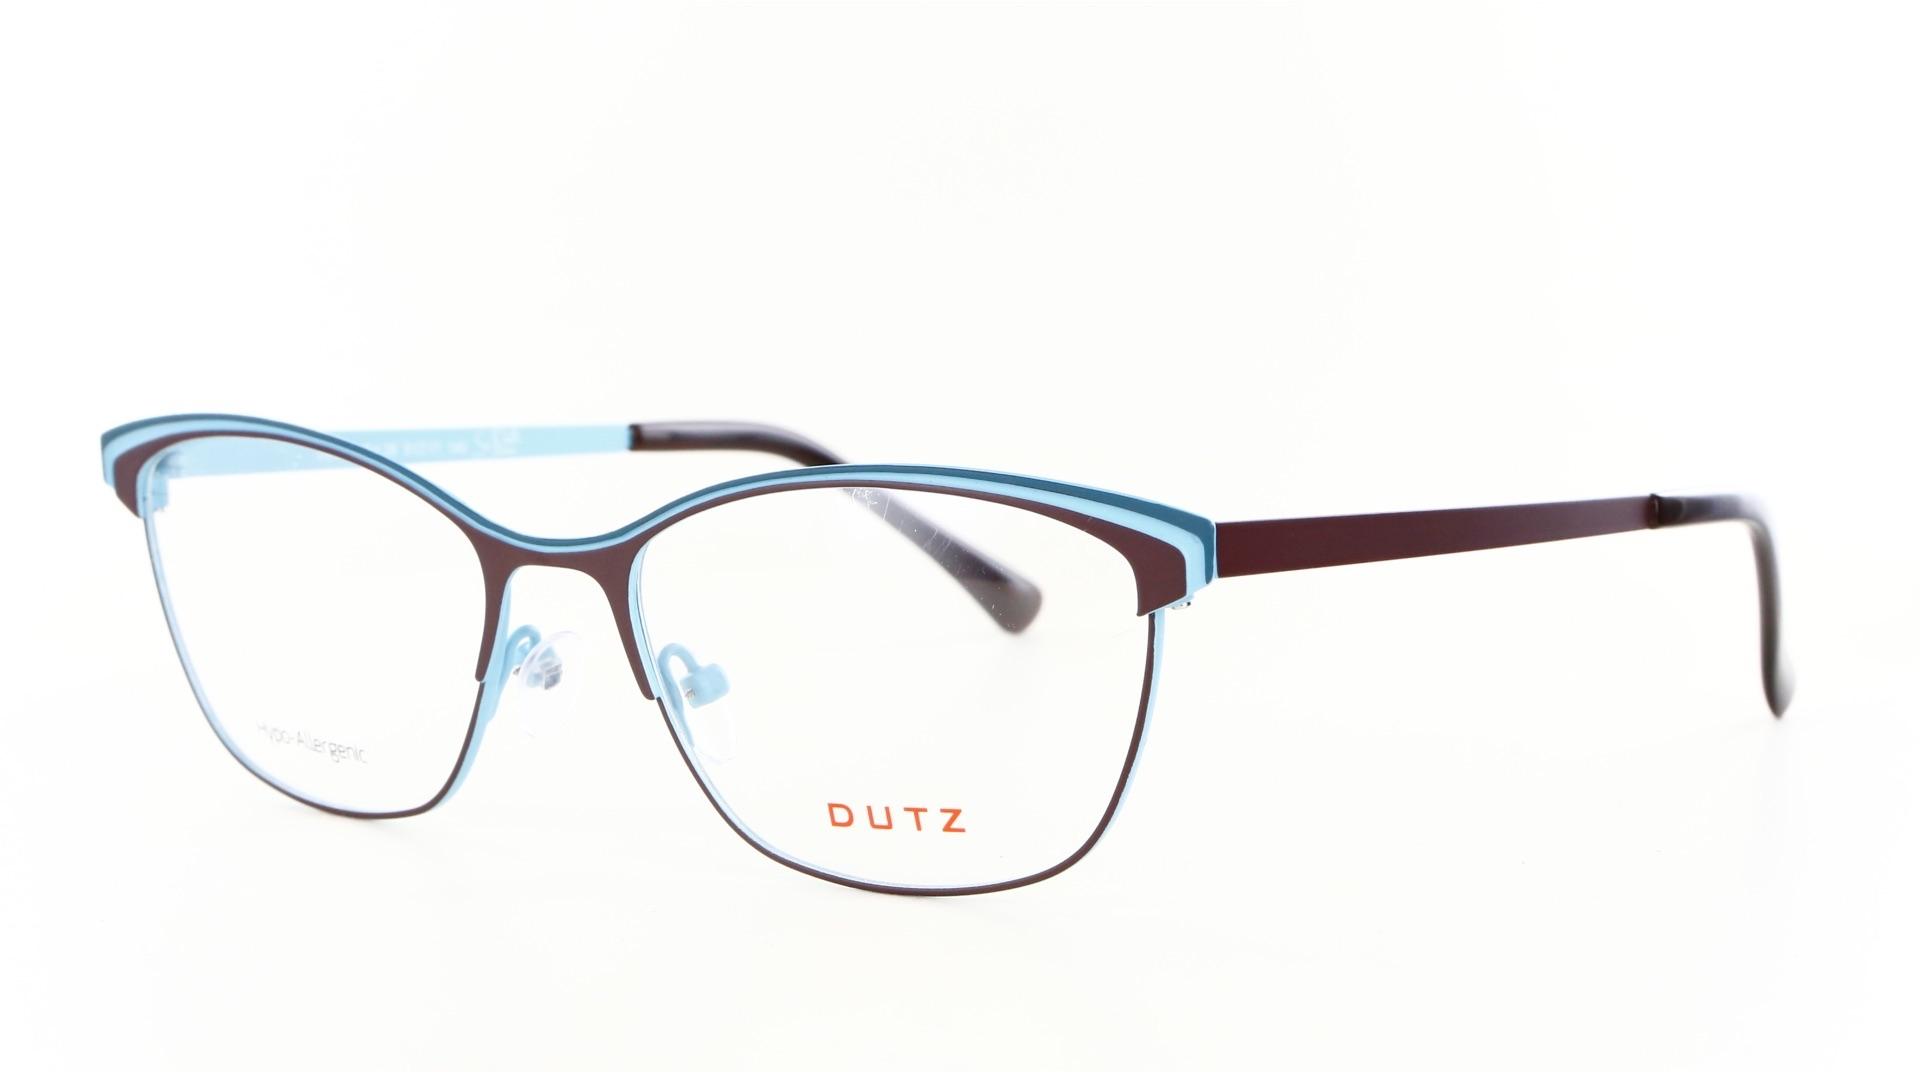 Dutz - ref: 78301